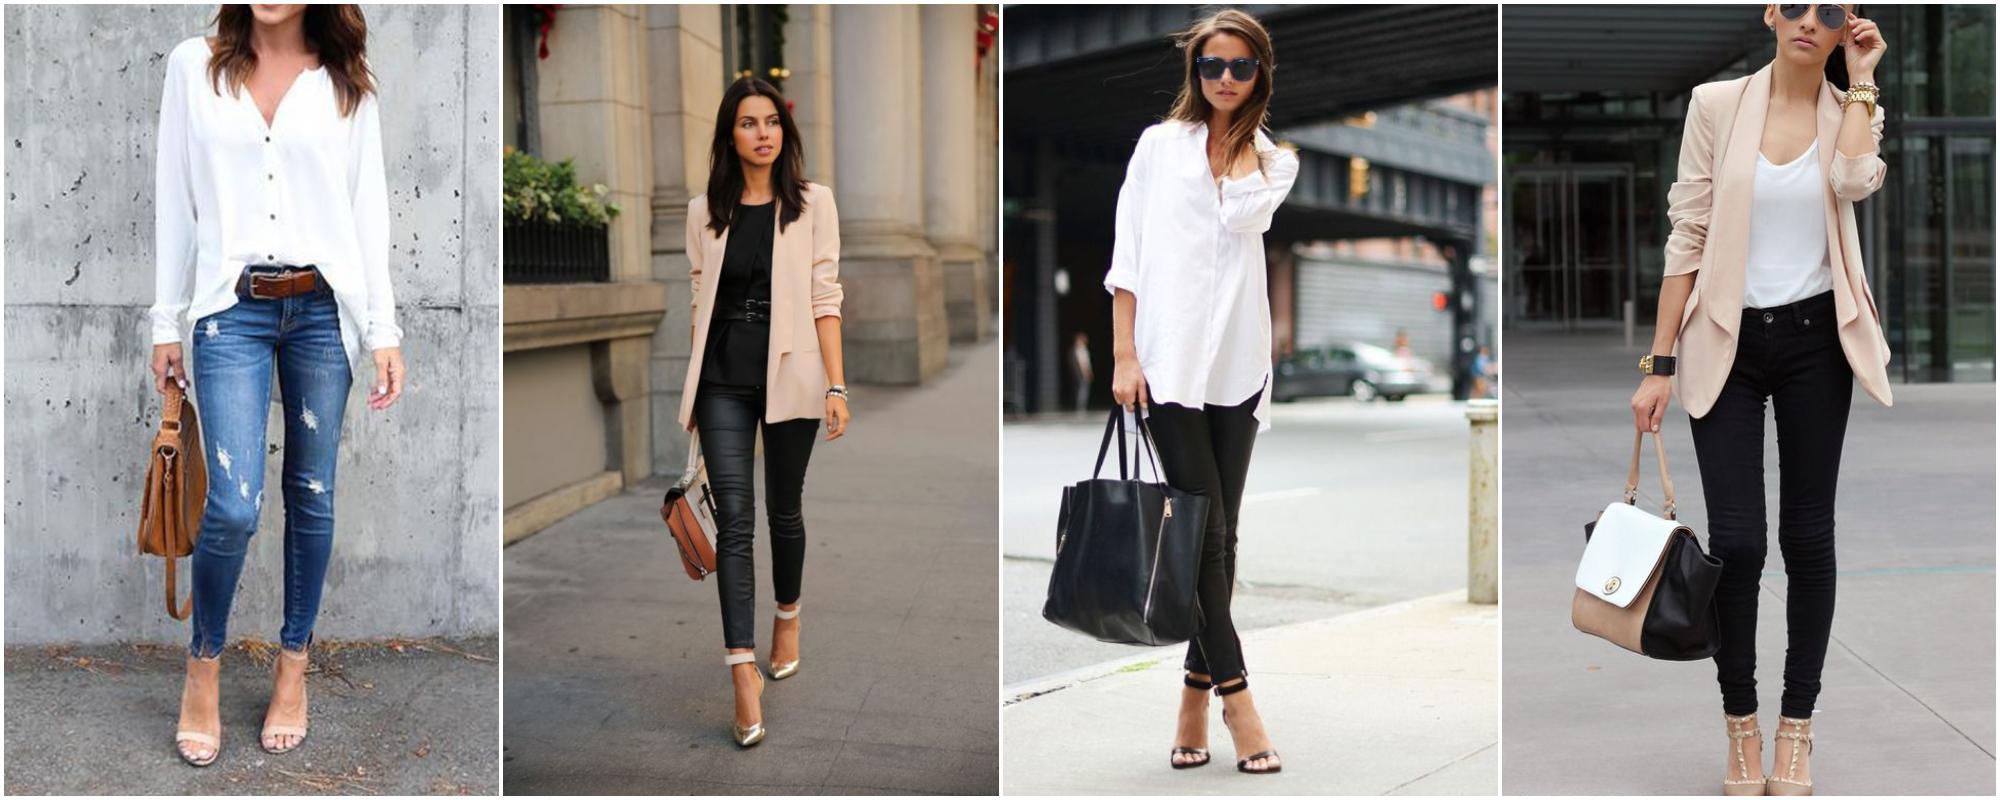 Como montar looks de trabalho estilosos repetindo roupas?